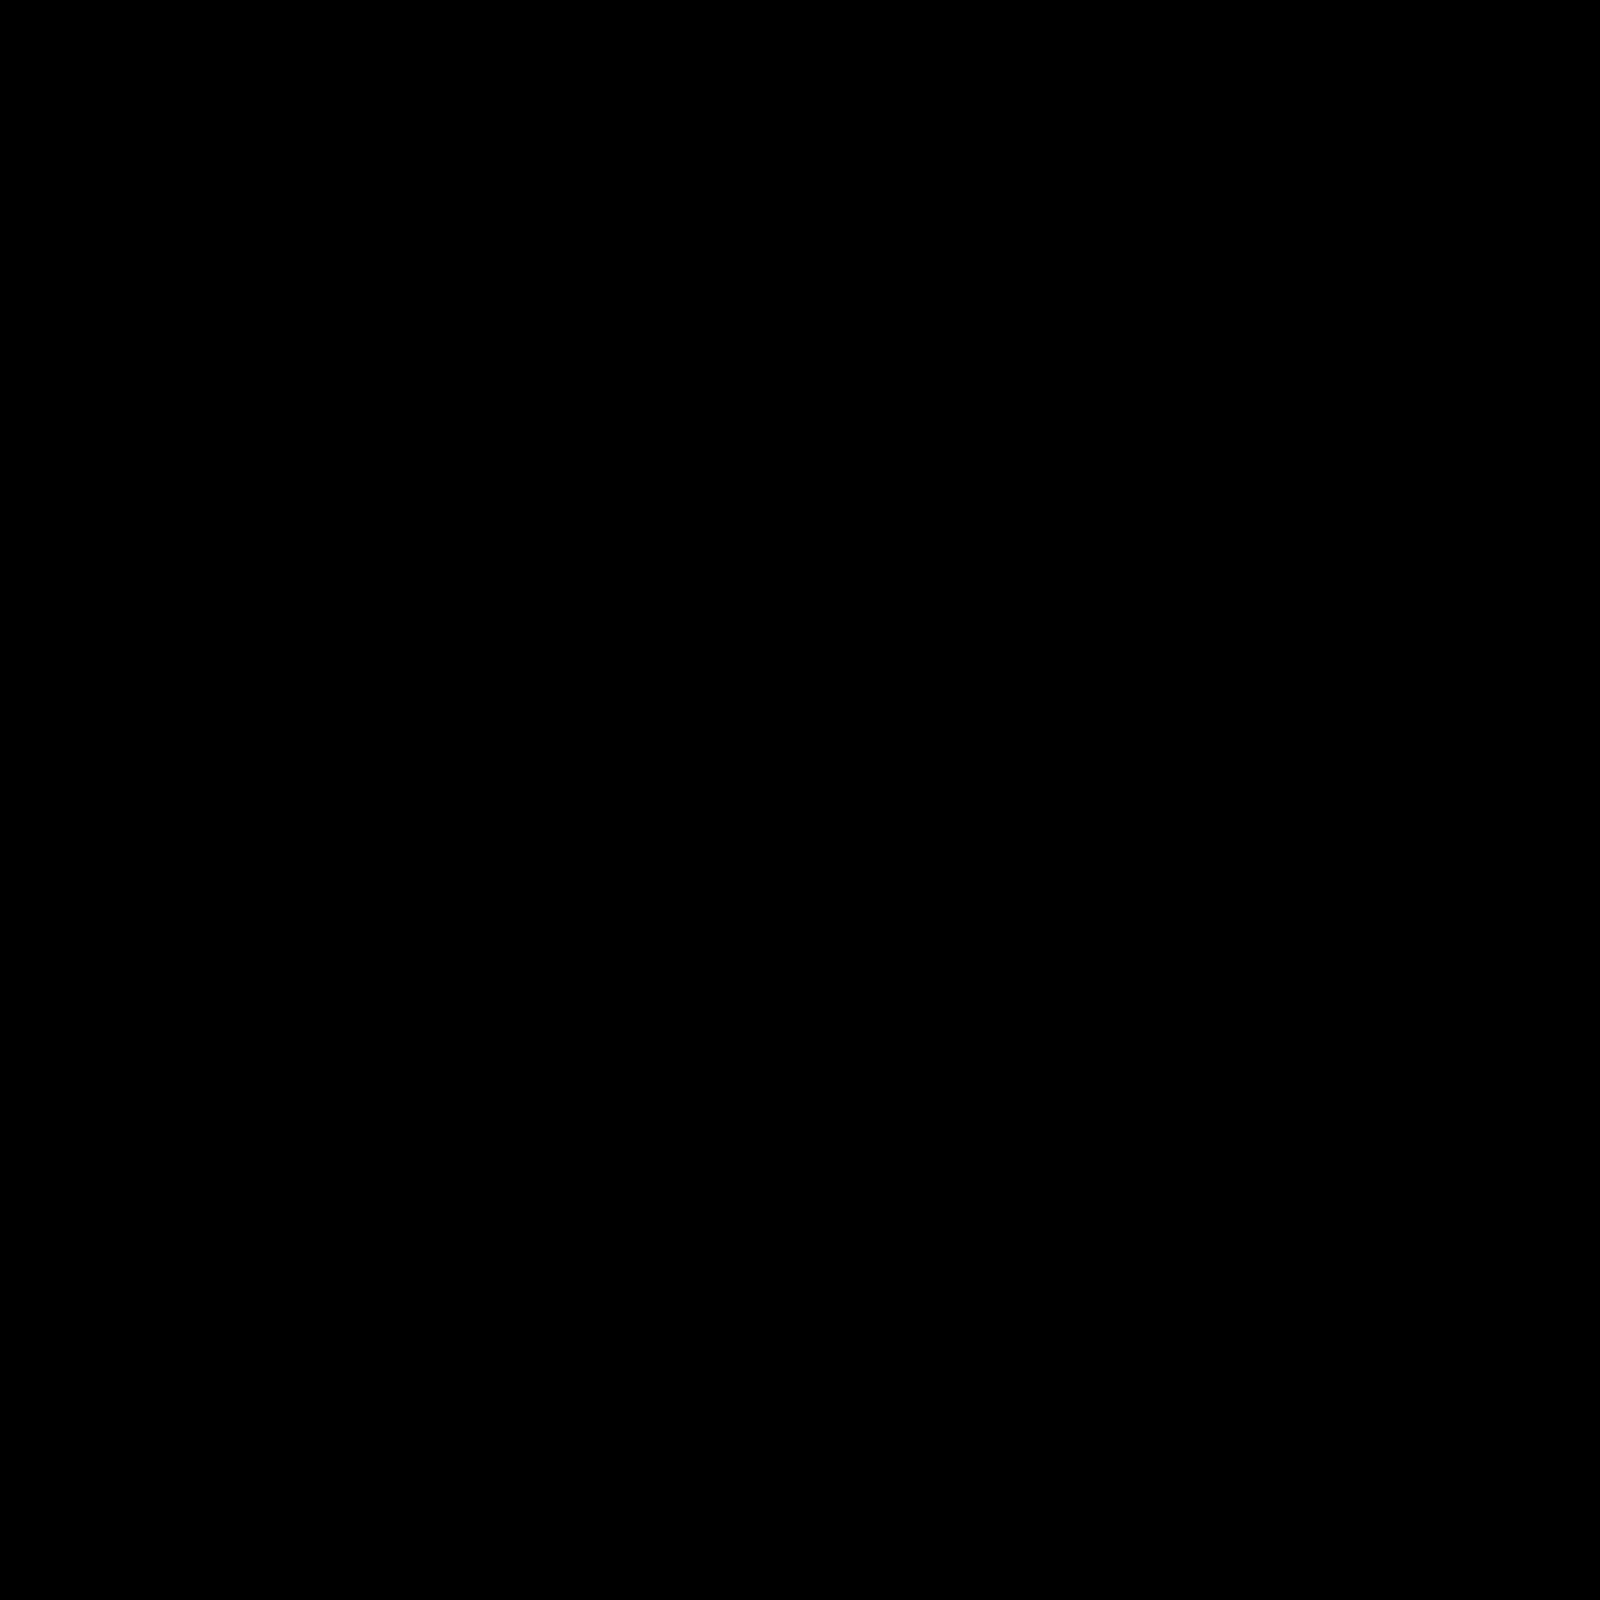 Горячий напиток Takeaway icon